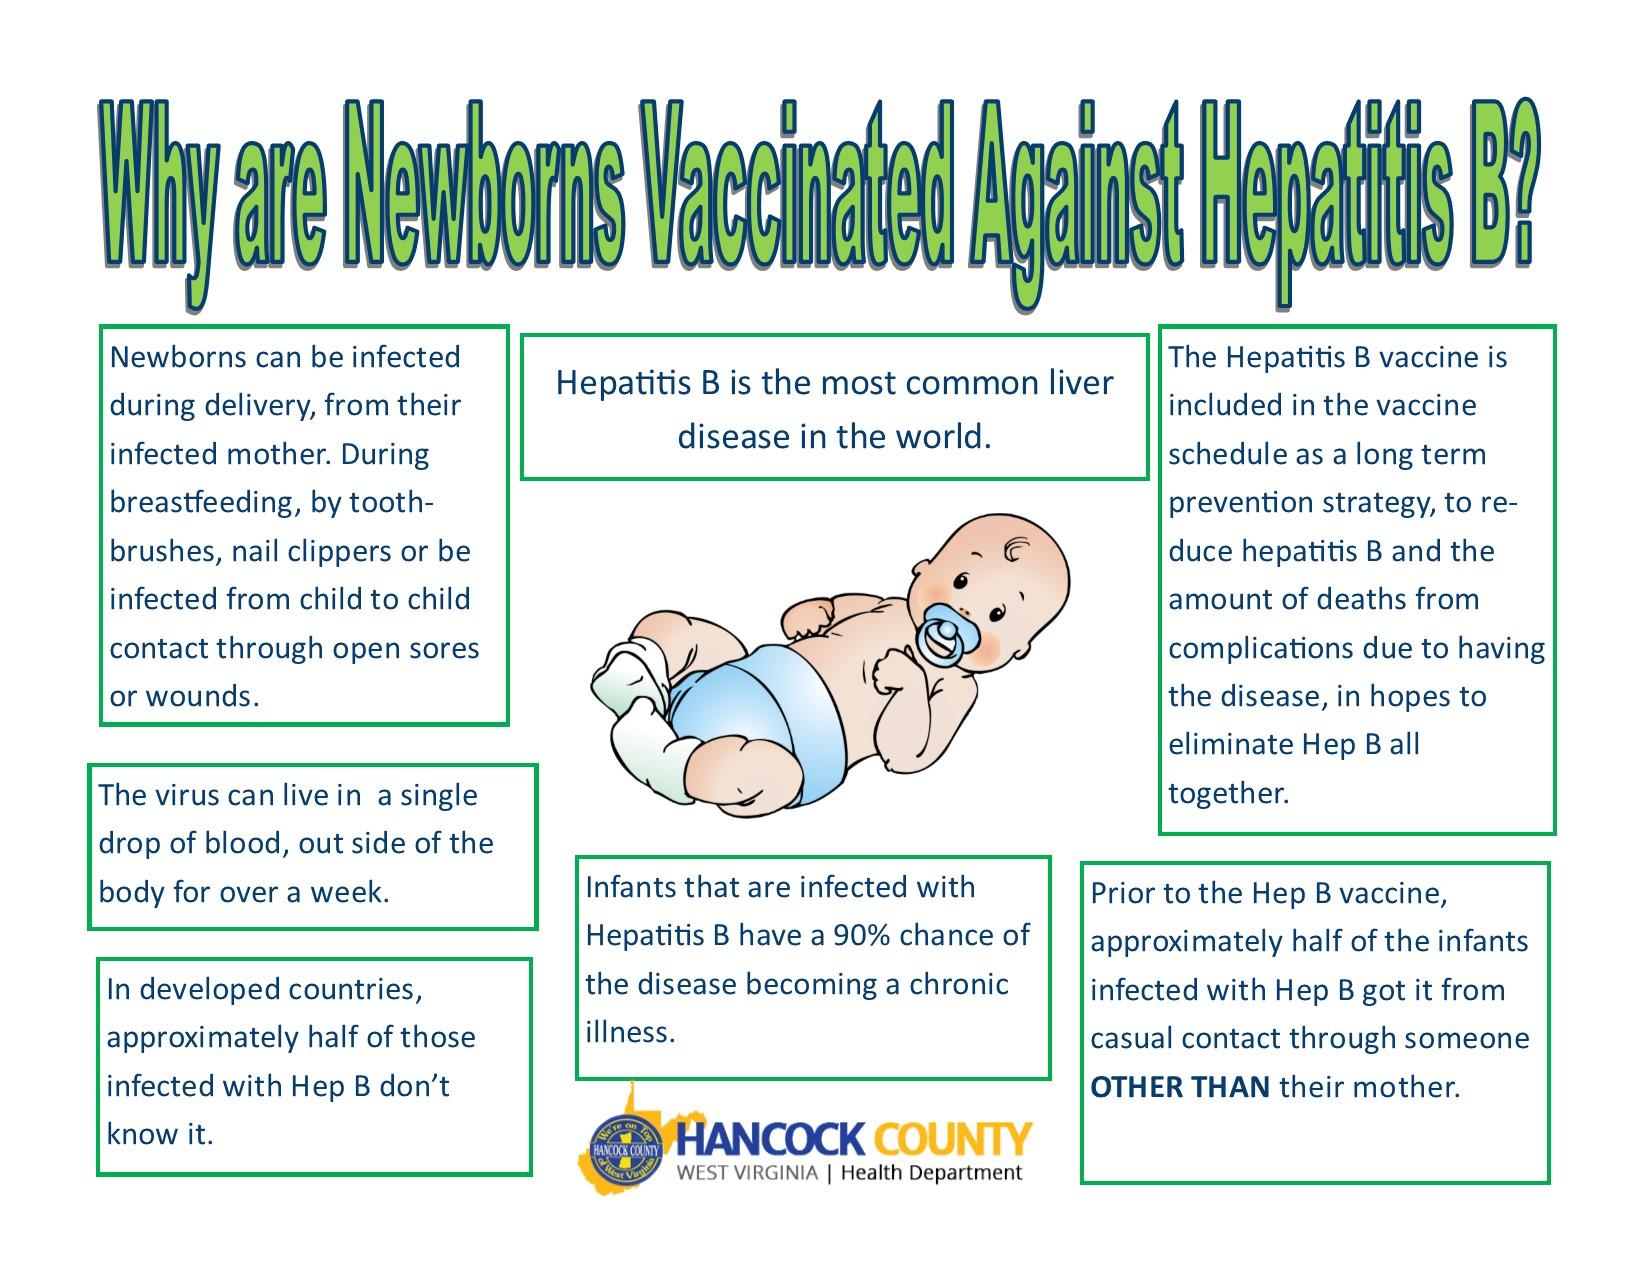 hepatitis b vaccine schedule